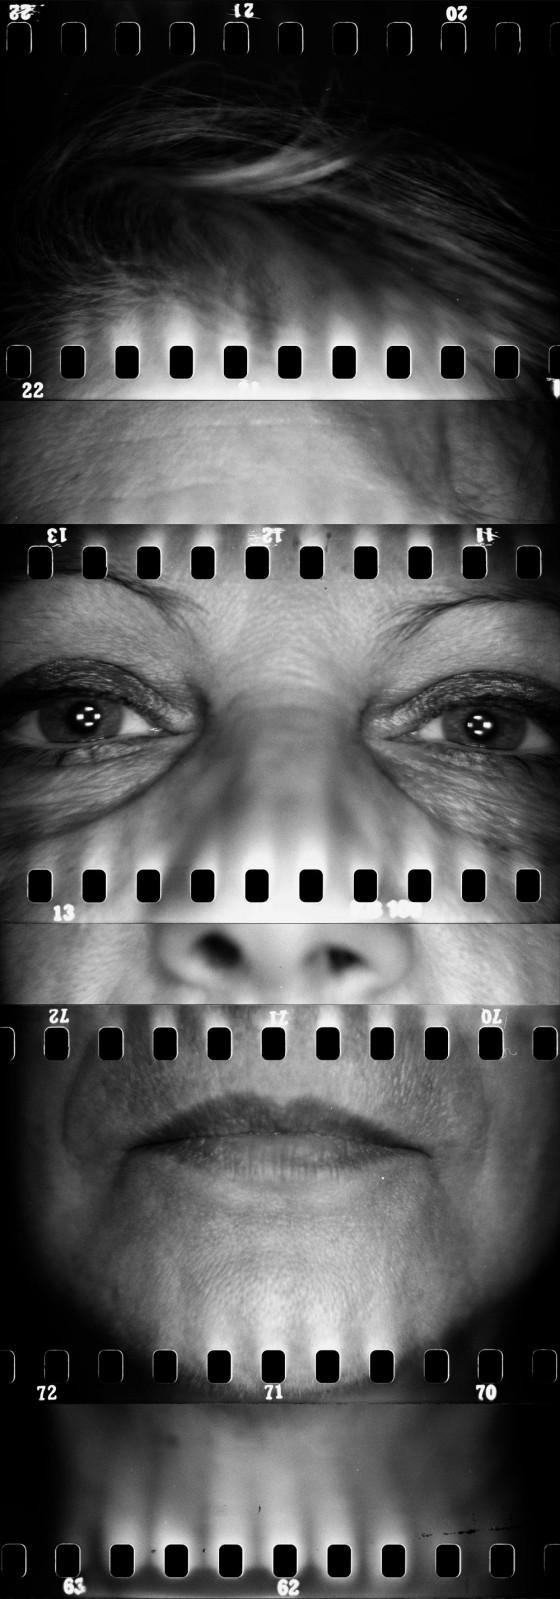 fisiognòmica project - Volti formati da sei foto diverse